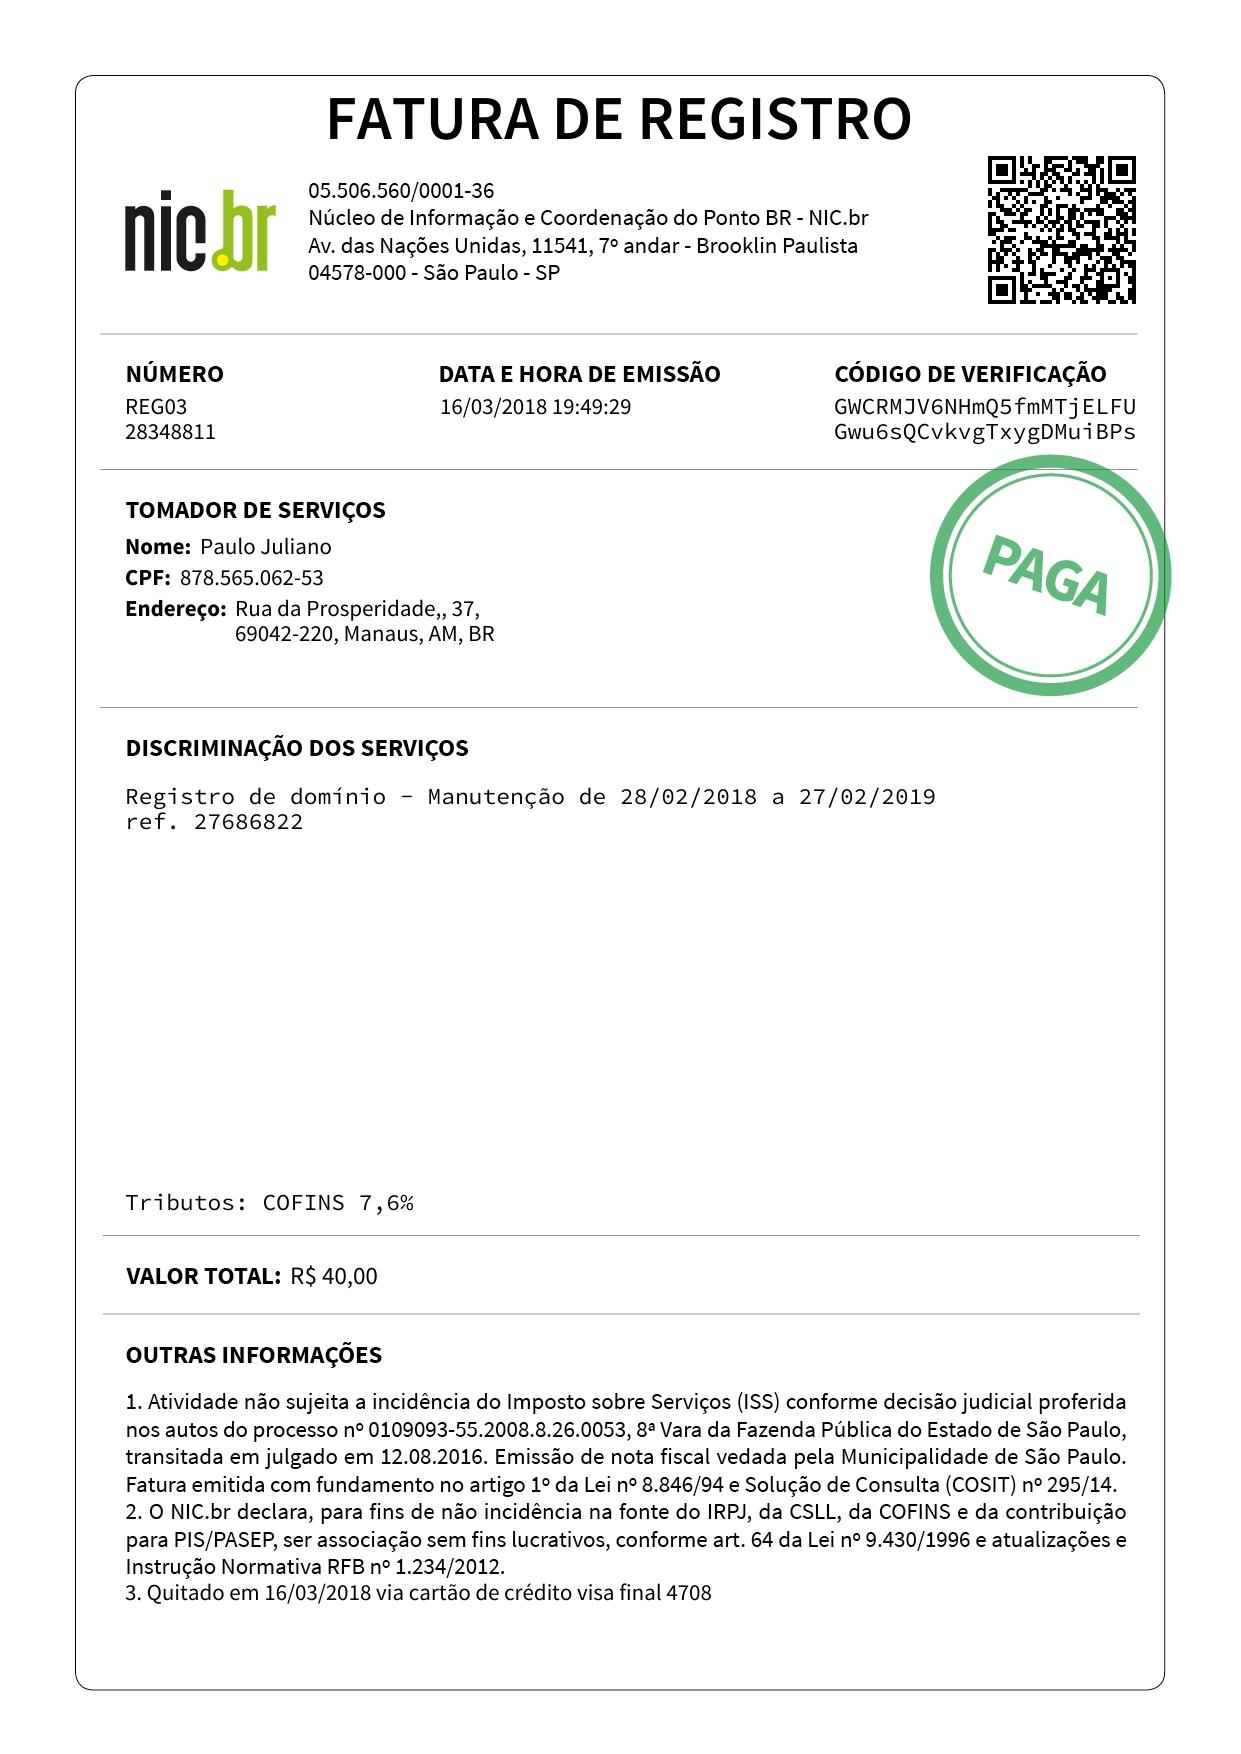 Fatura | Nome Empresarial, Francisco De Assis, Leonardo Moura